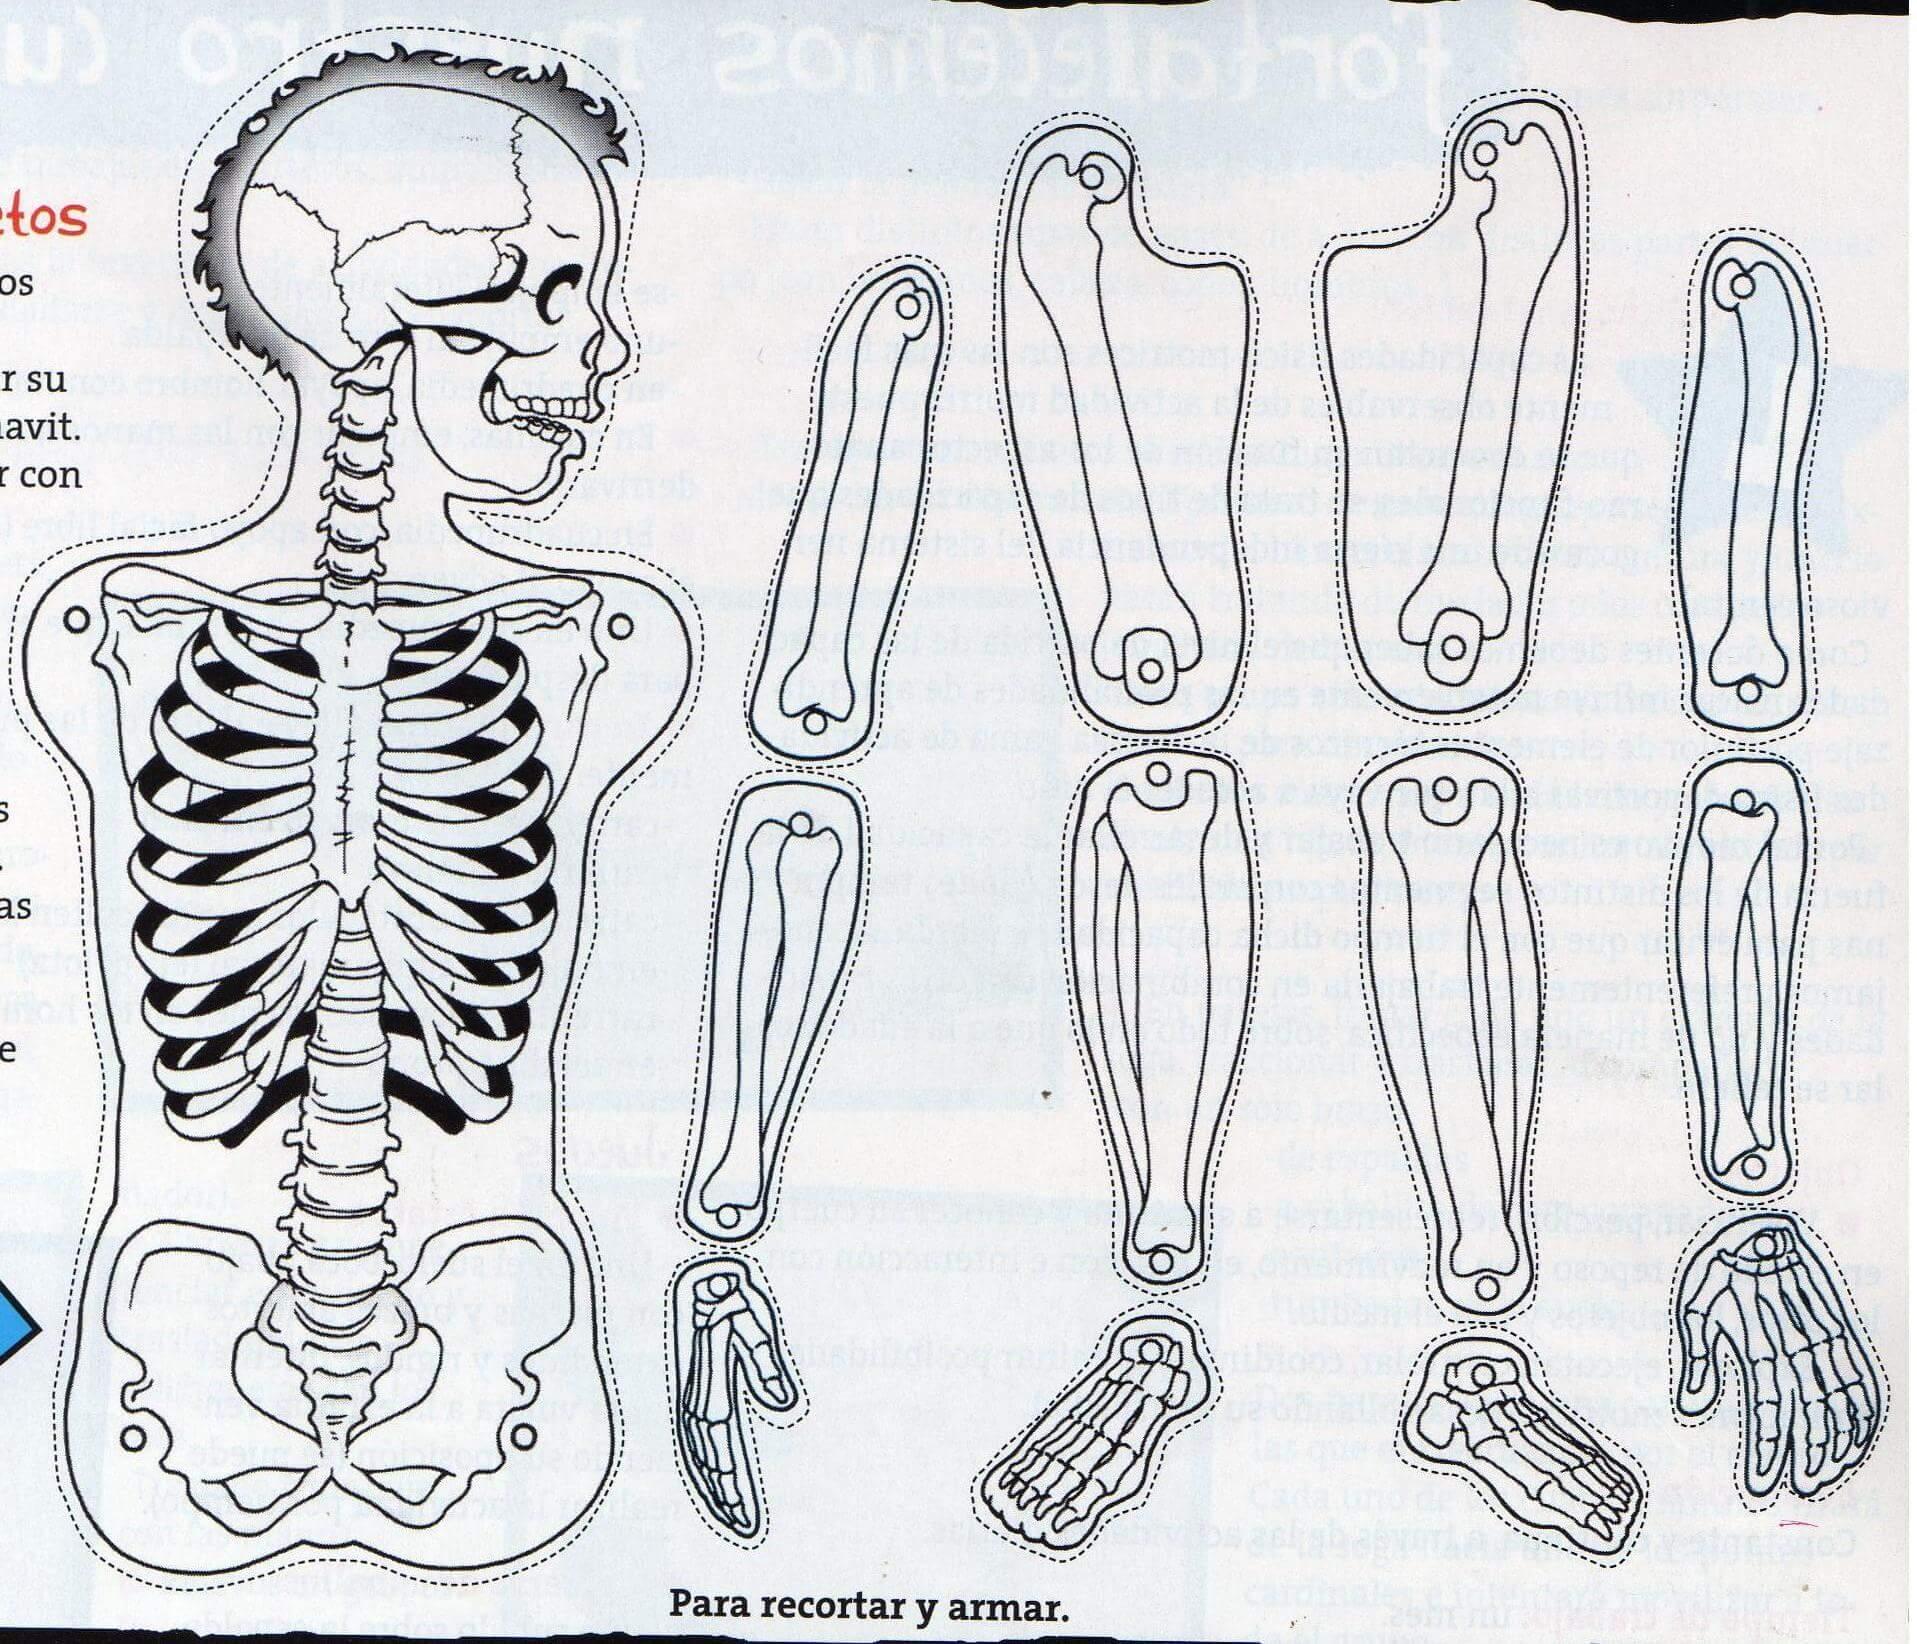 El esqueleto en educación primariaEducación Primaria